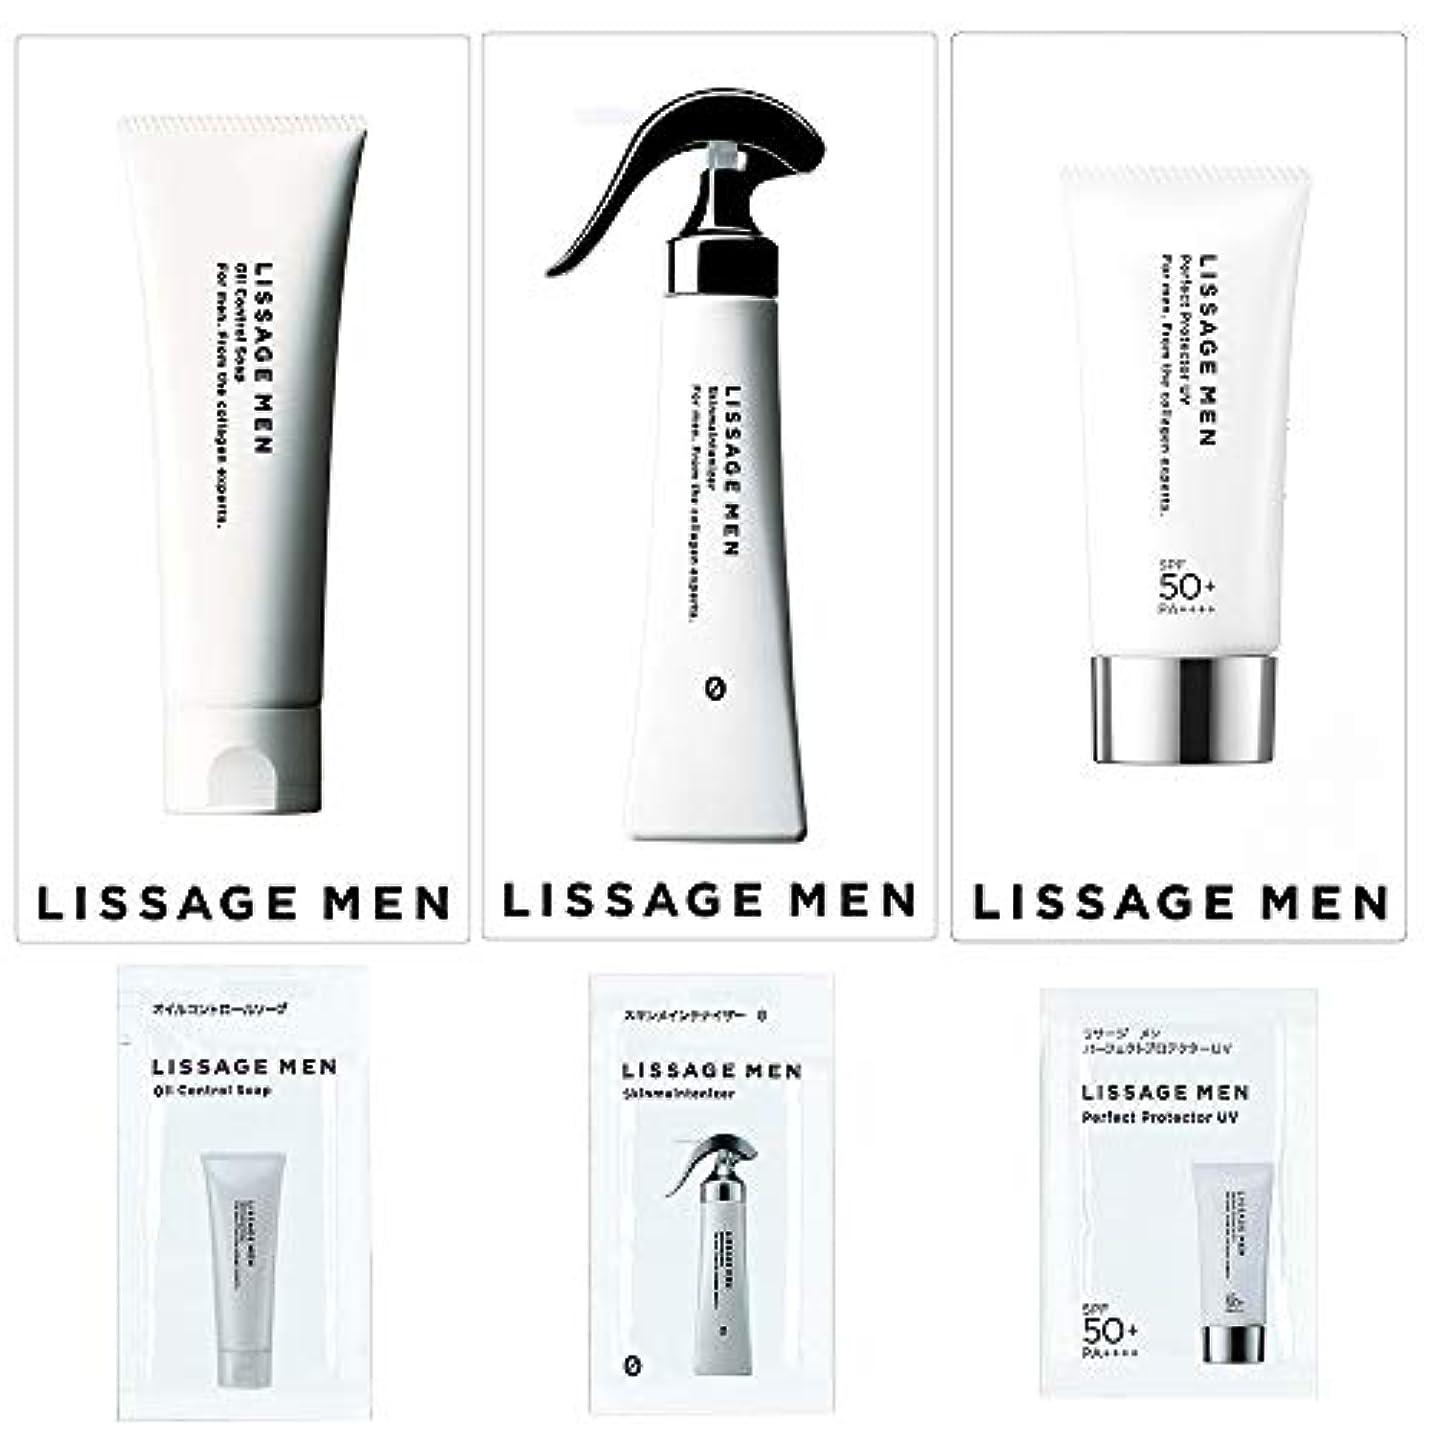 ラダ閉じる静脈リサージメン メンズ フェイスケア 3点セット 洗顔&化粧水&UV(サンプルセット) 【実質無料サンプルストア対象】